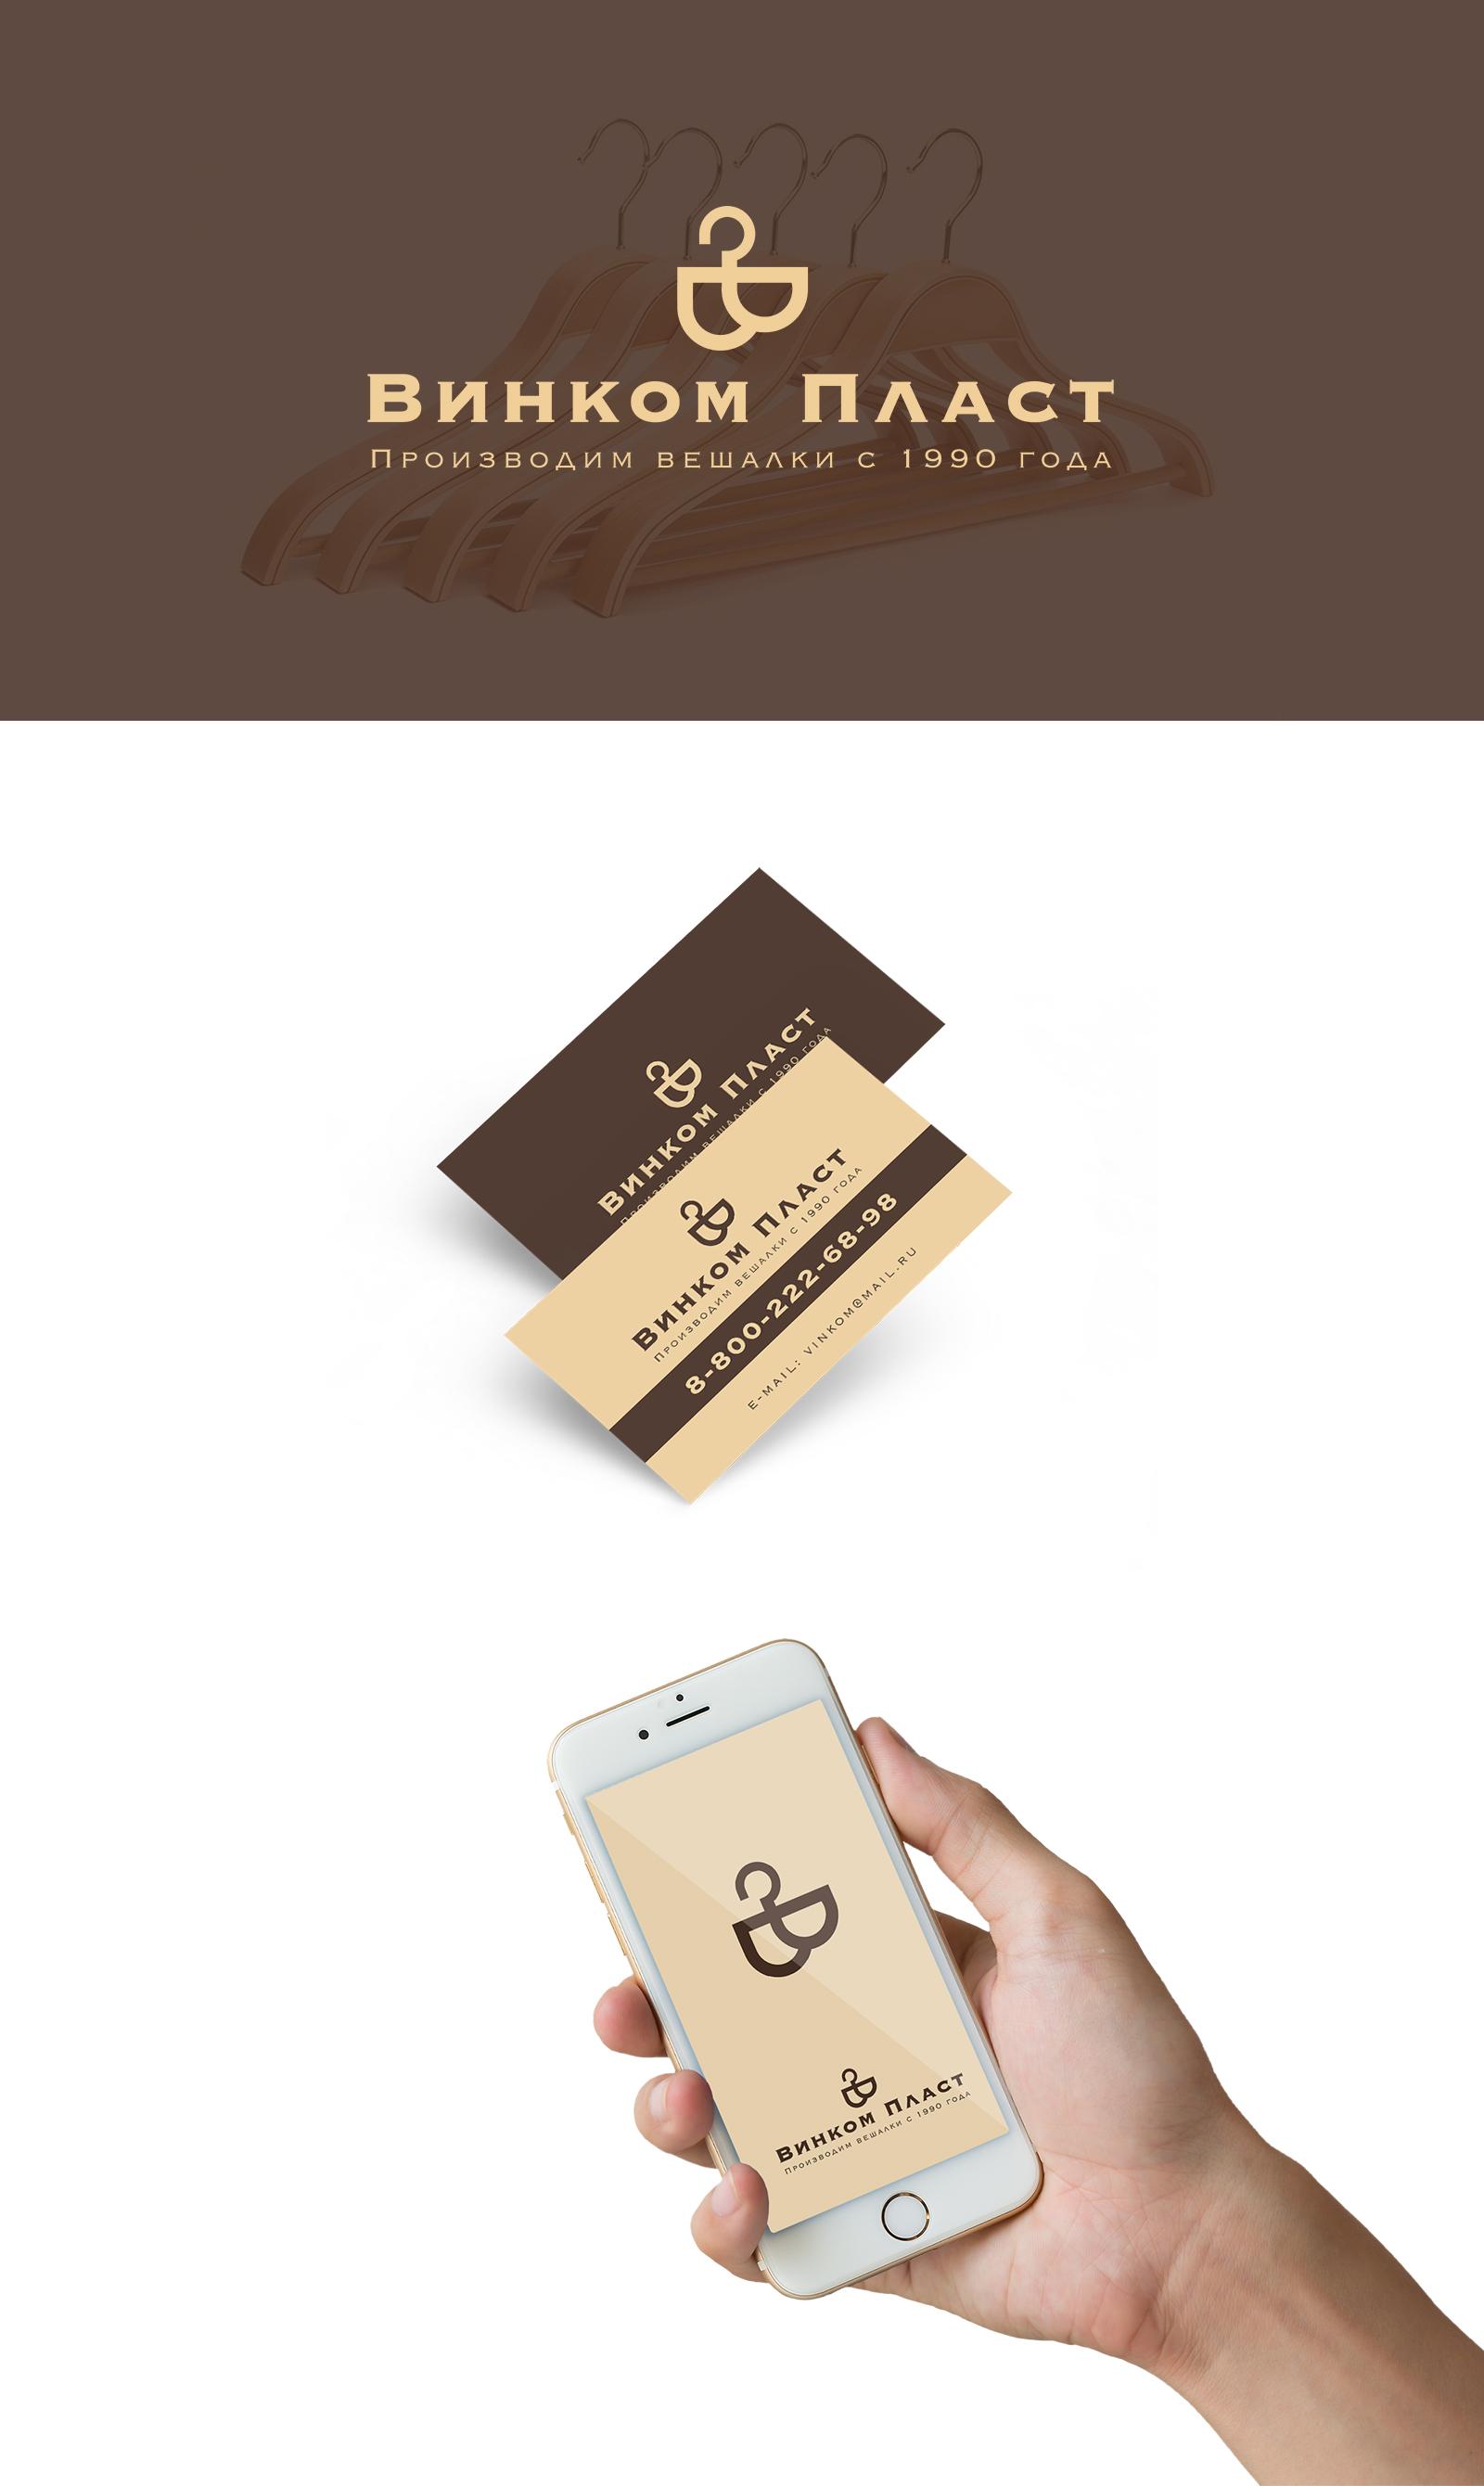 Логотип, фавикон и визитка для компании Винком Пласт  фото f_8115c3c914766db8.jpg